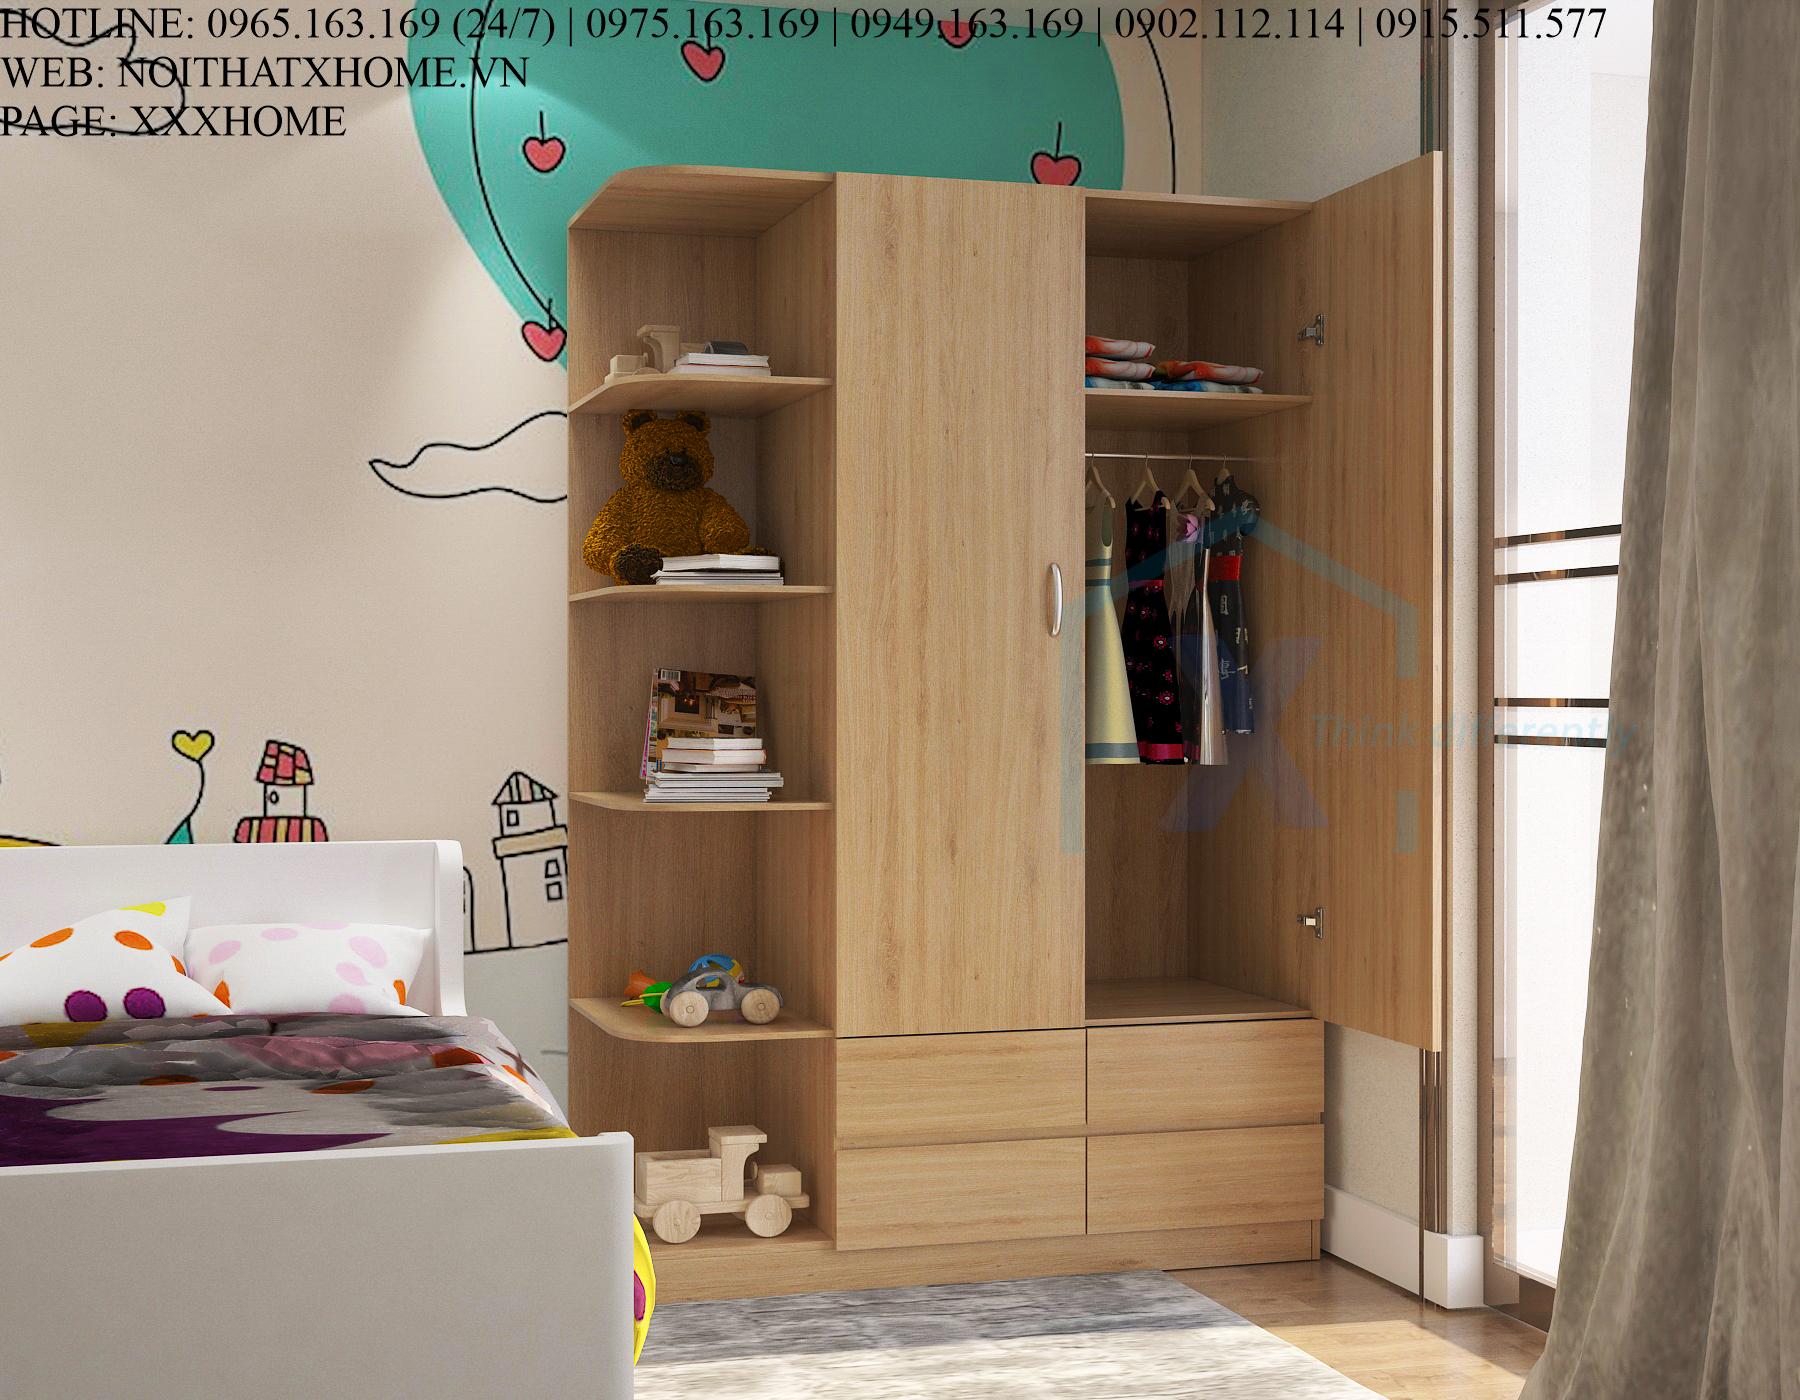 Tủ quần áo thông minh X HOME Hà Nội